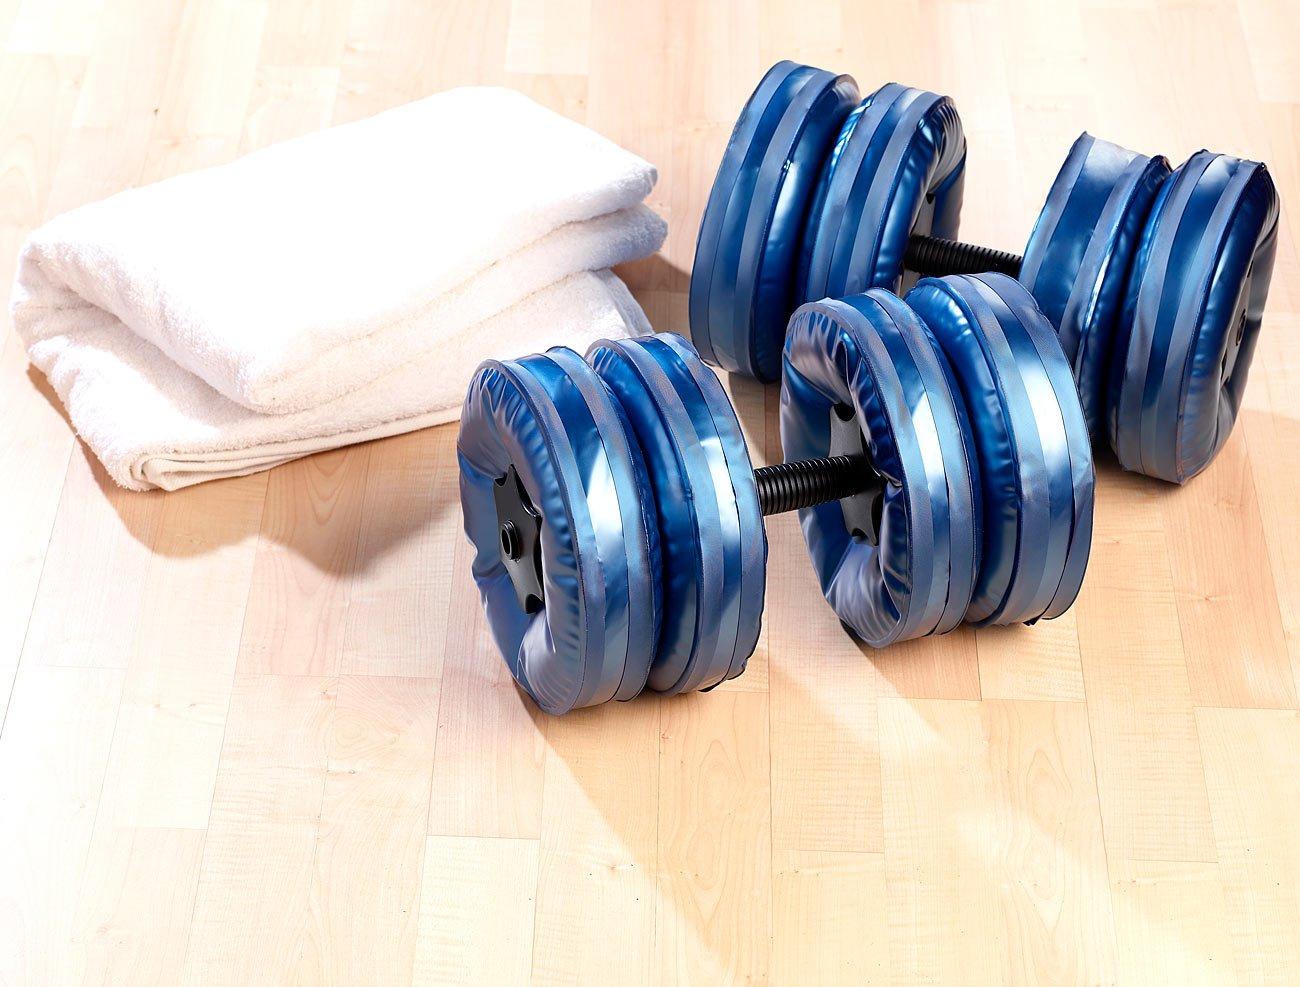 PEARL sports Befüllbare Hanteln - Juego de 2 pesas de agua (capacidad máxima de 8 kg por mancuerna): Amazon.es: Deportes y aire libre